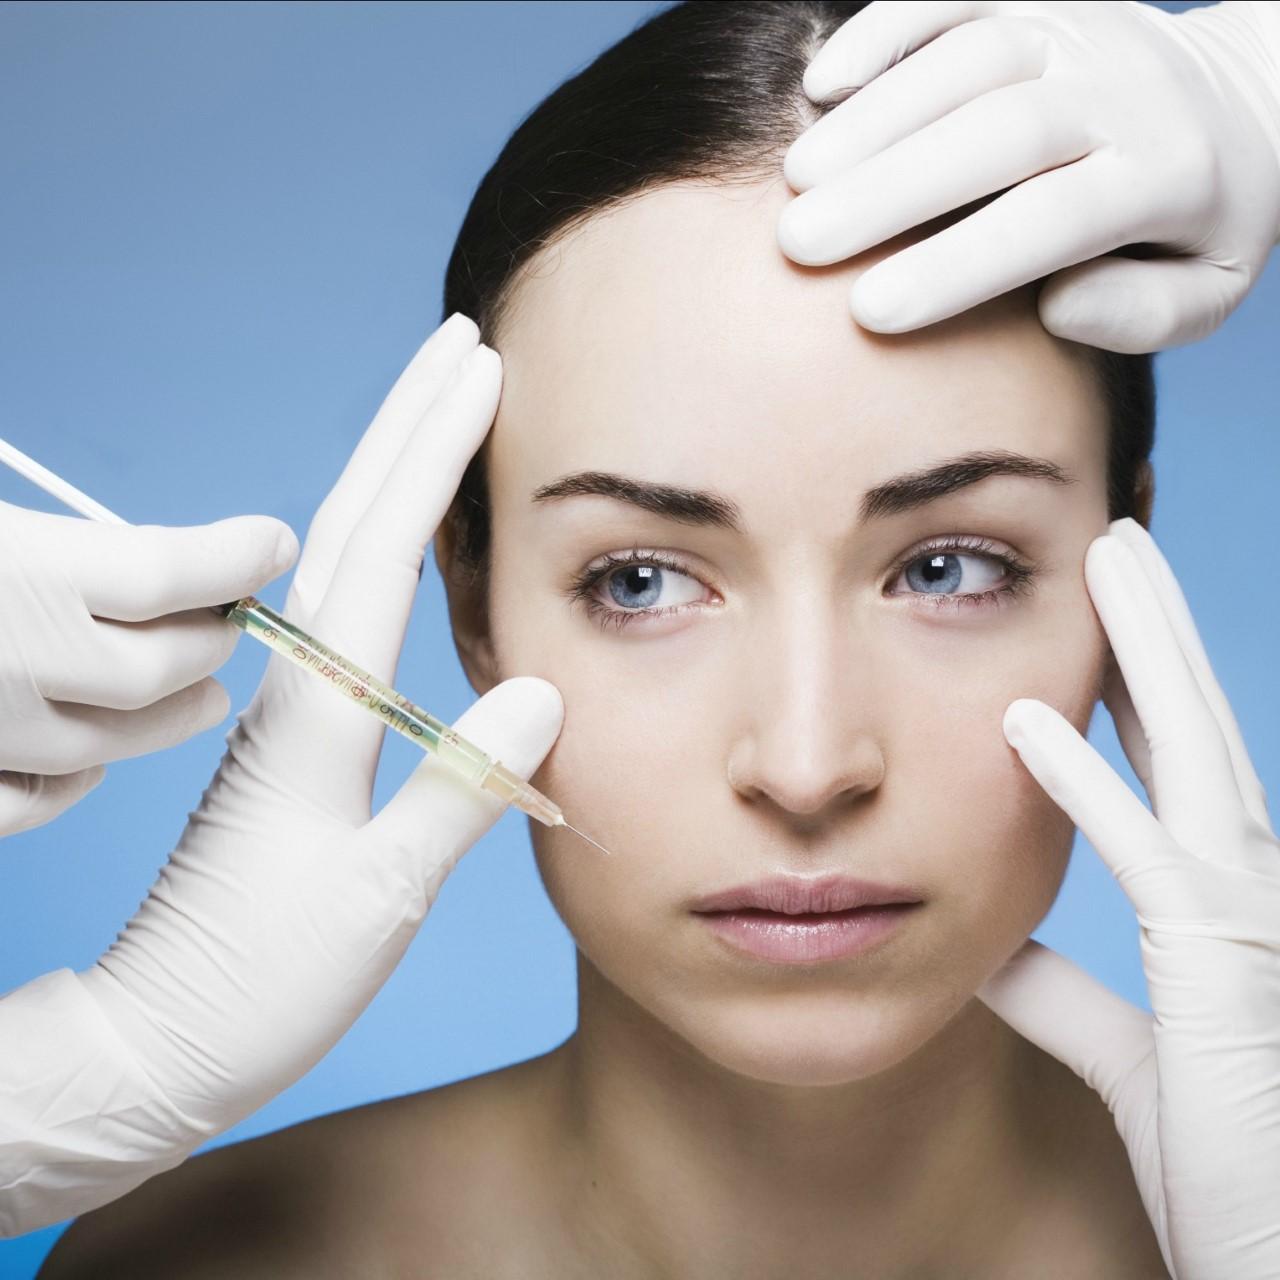 Procedimentos estéticos mal feitos podem acarretar sérios riscos à saúde, explica dermatologista